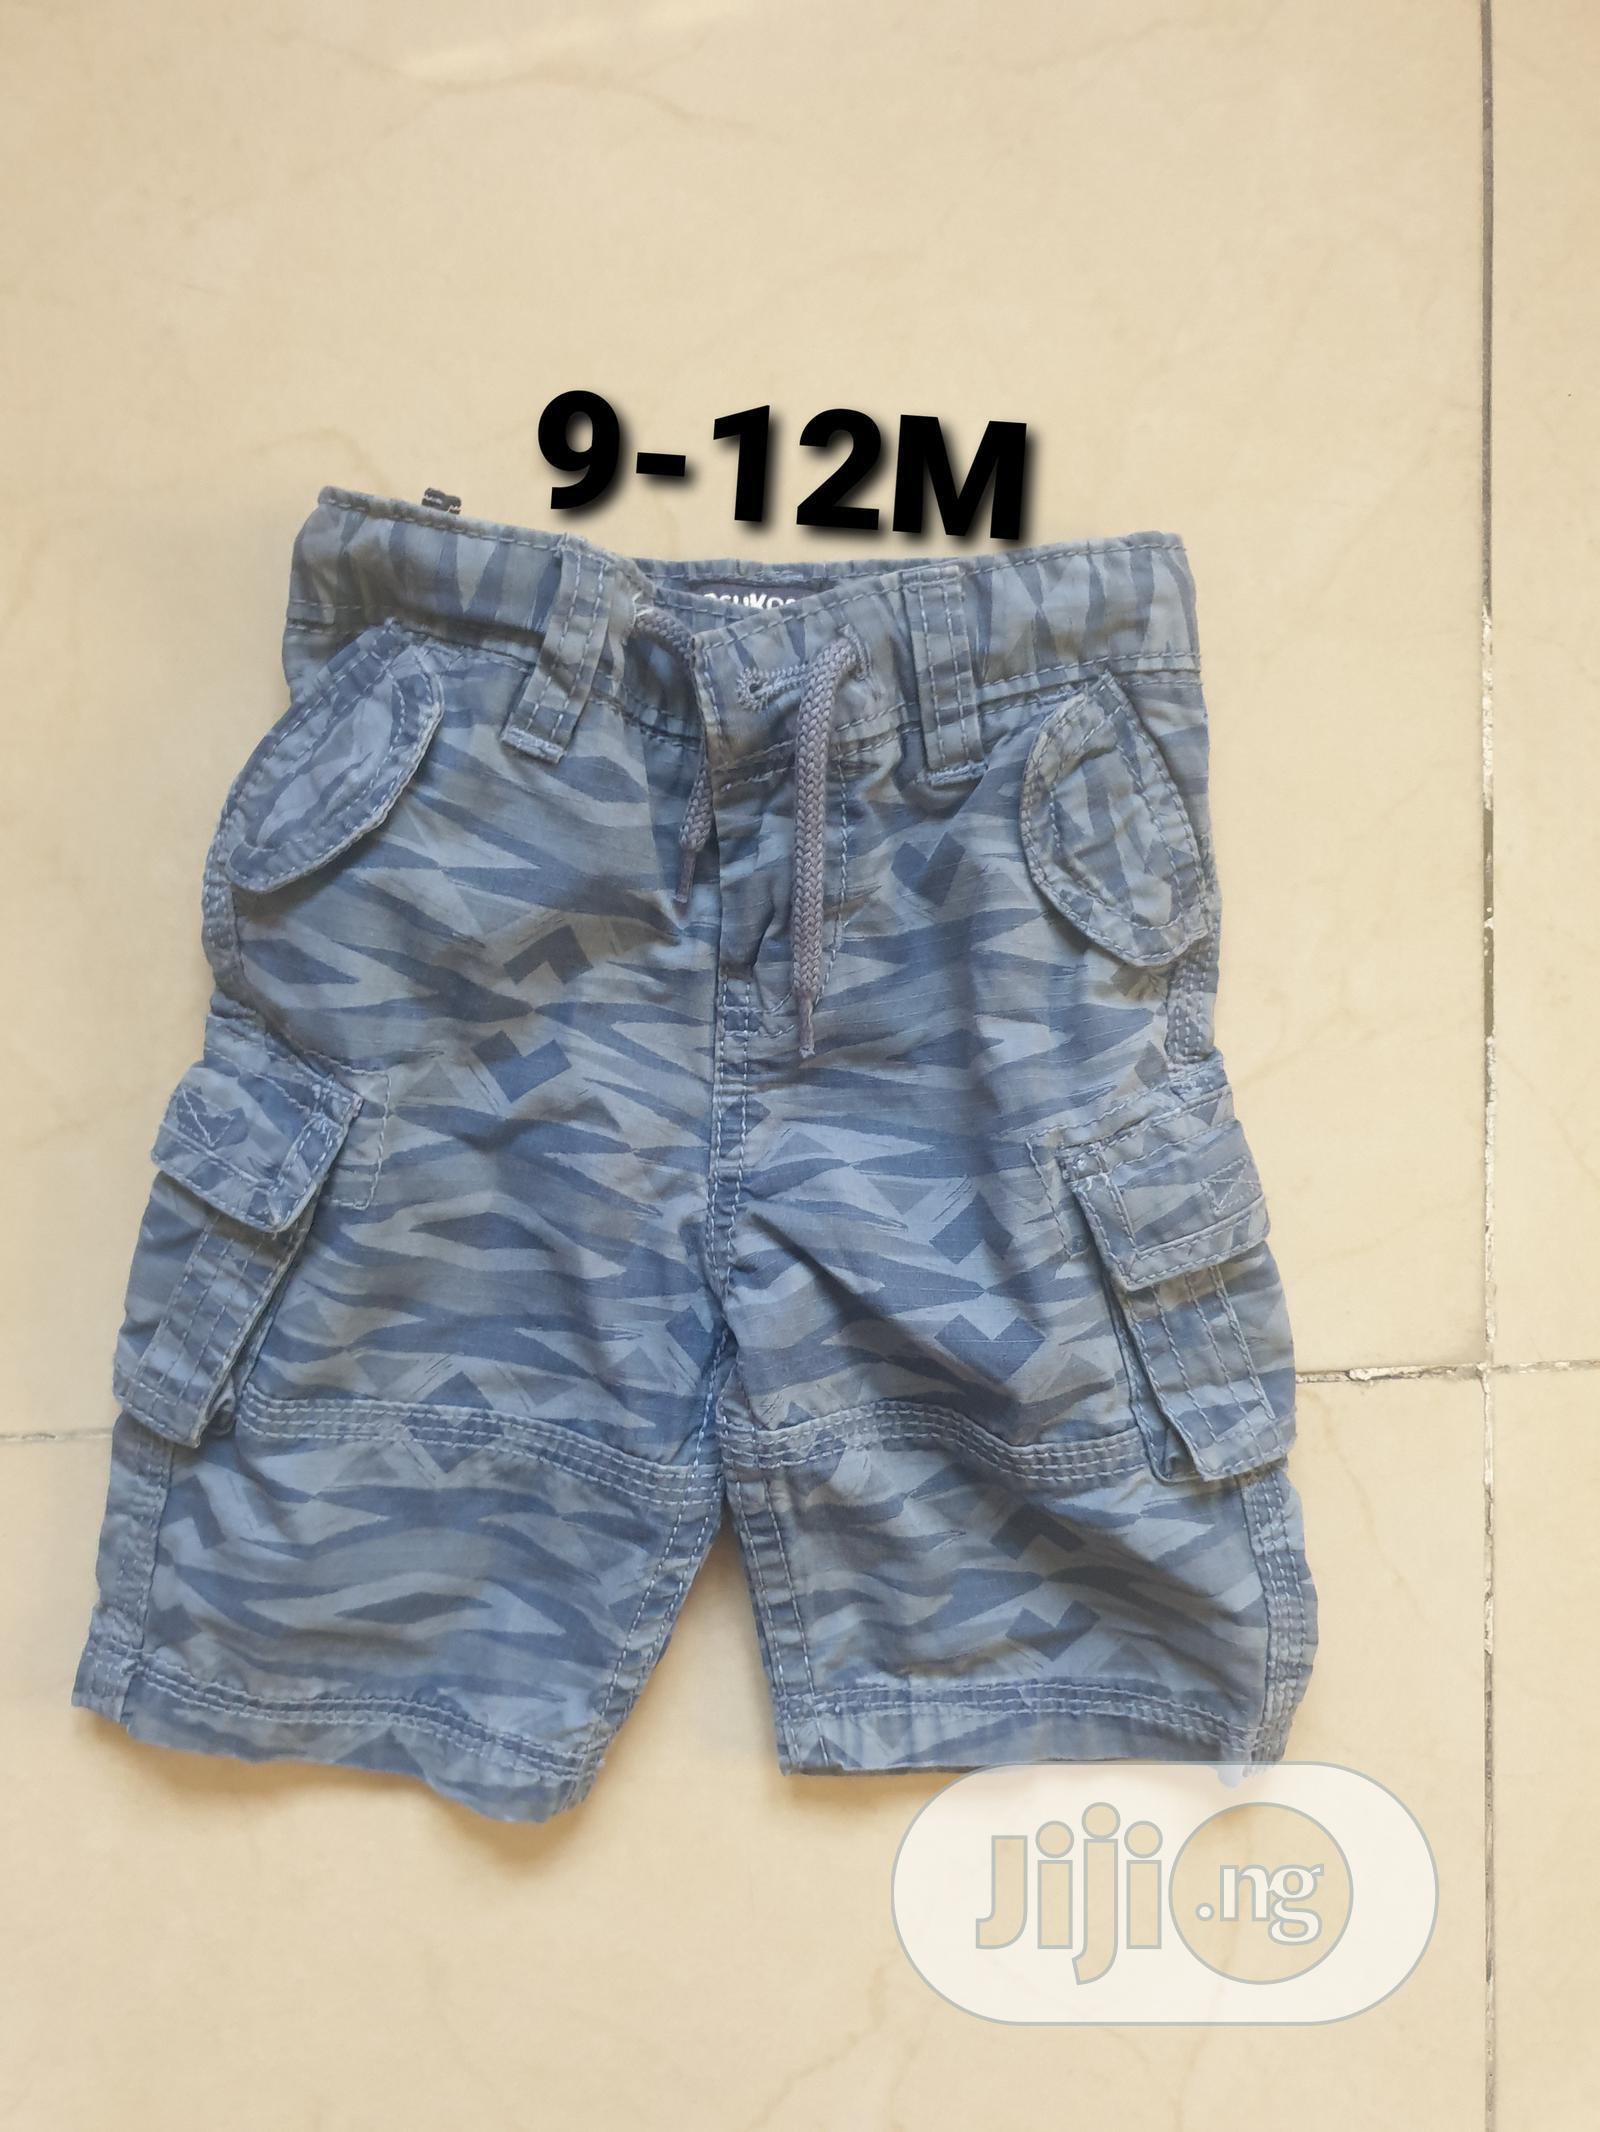 Oshkosh Army Shorts